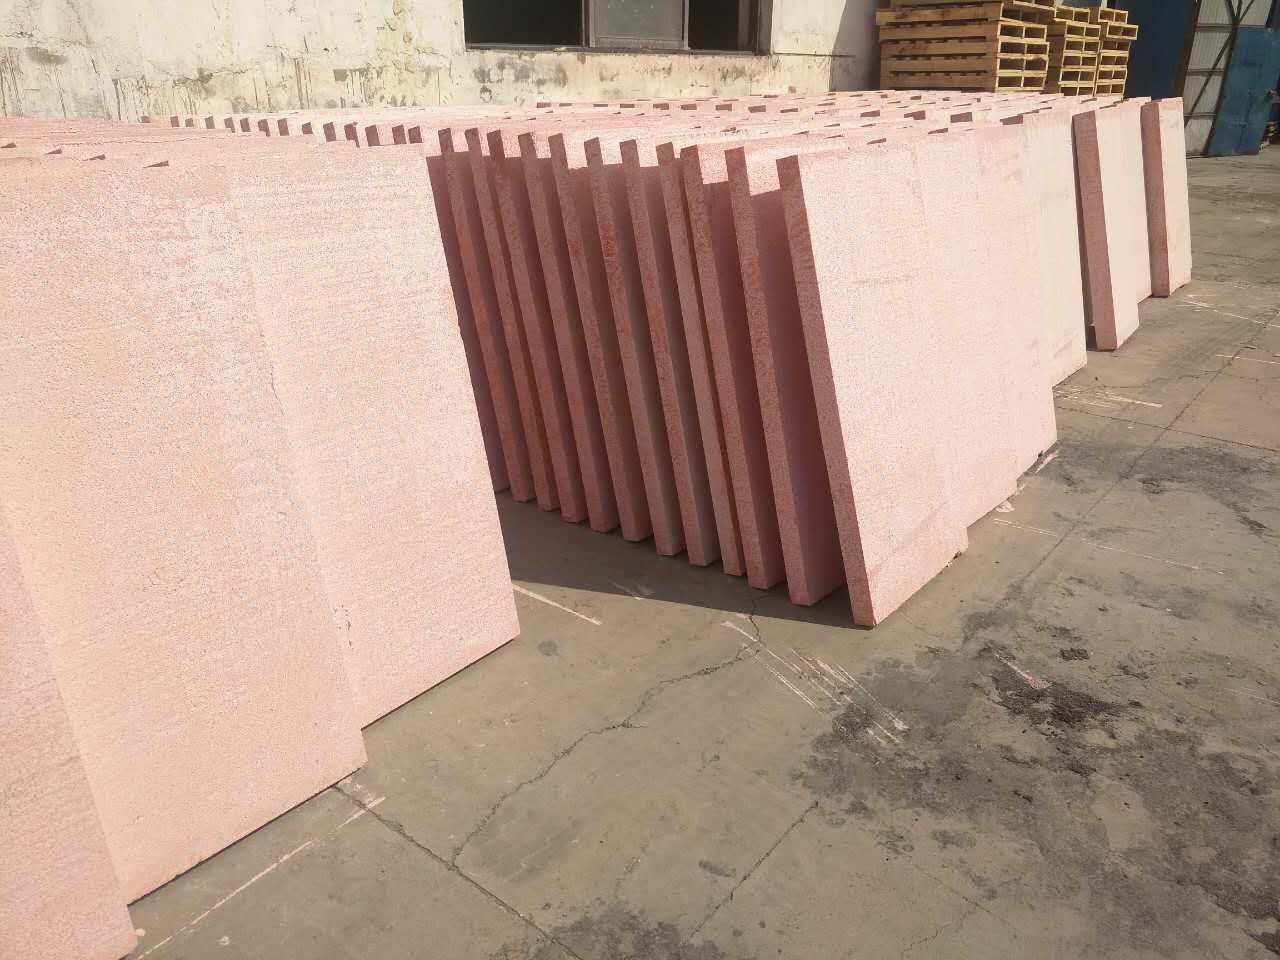 耐用的宁夏改性聚苯板厂商当选金兴恒通建材-宁夏改性聚苯板